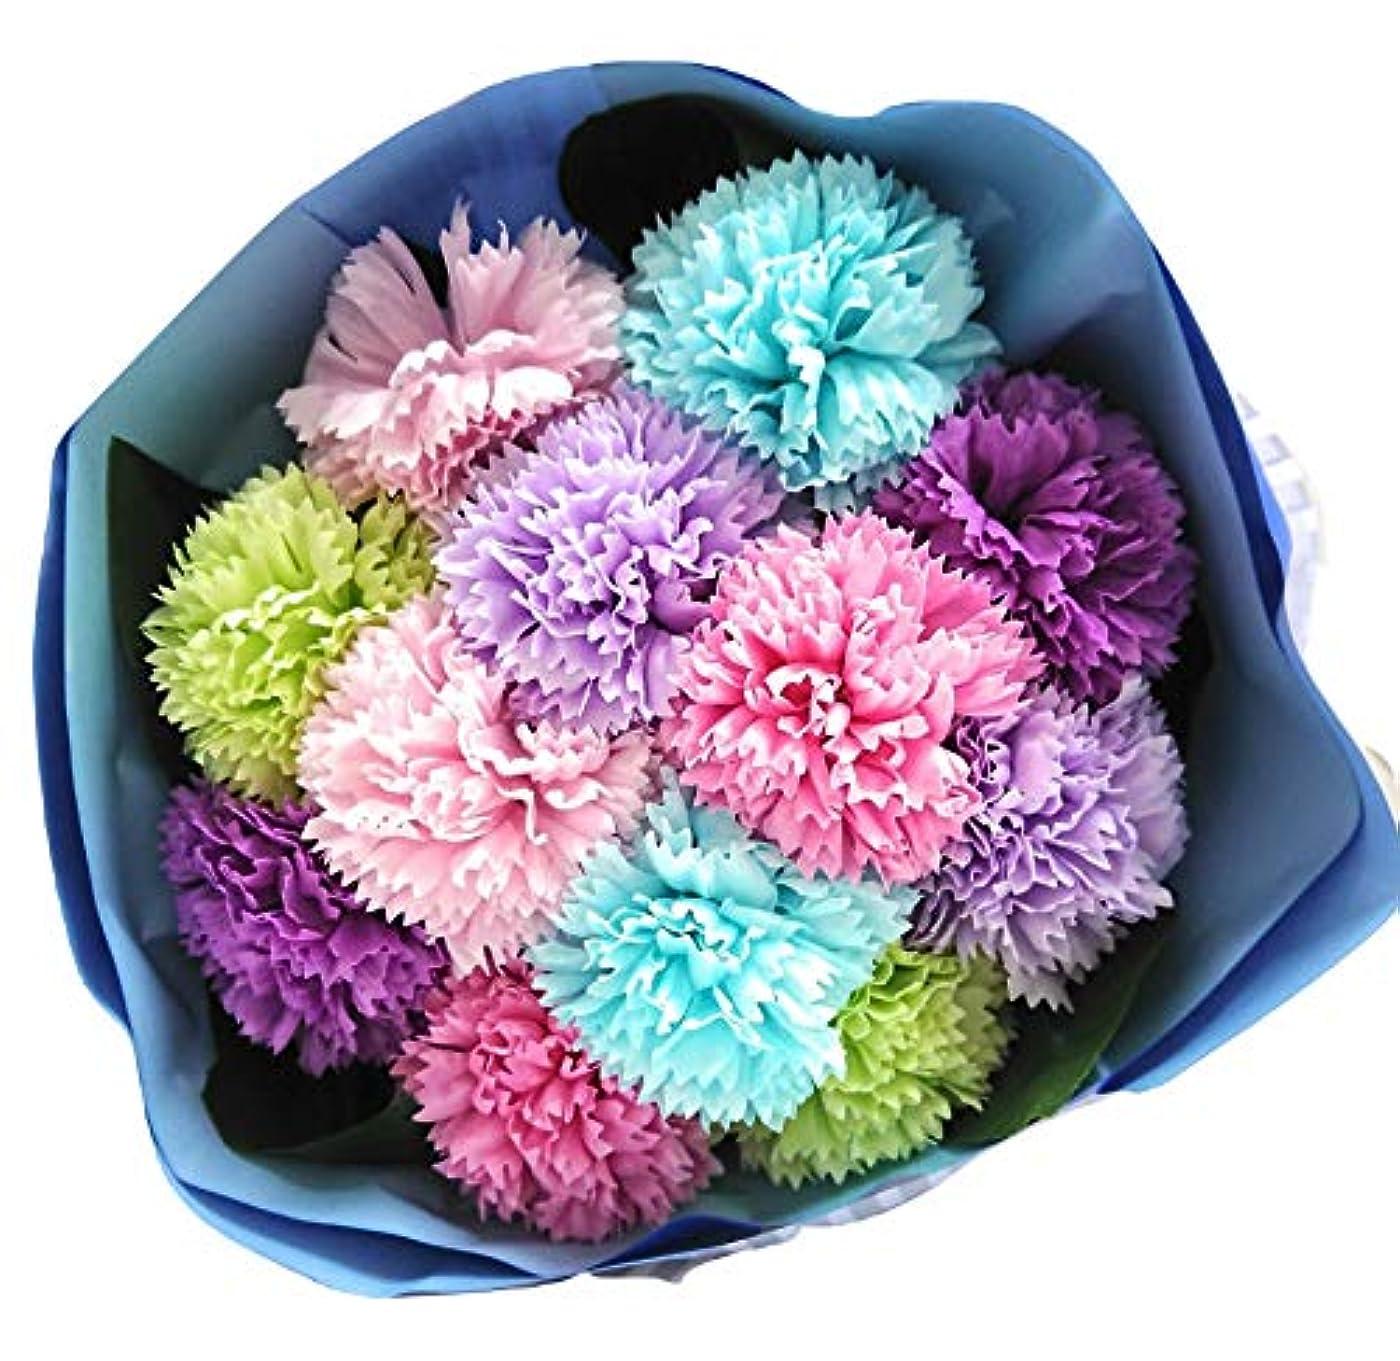 グリップ読みやすさ緊張バスフレグランス バスフラワー カーネーションブーケ 母の日 ギフト お花の形の入浴剤 (MIX)